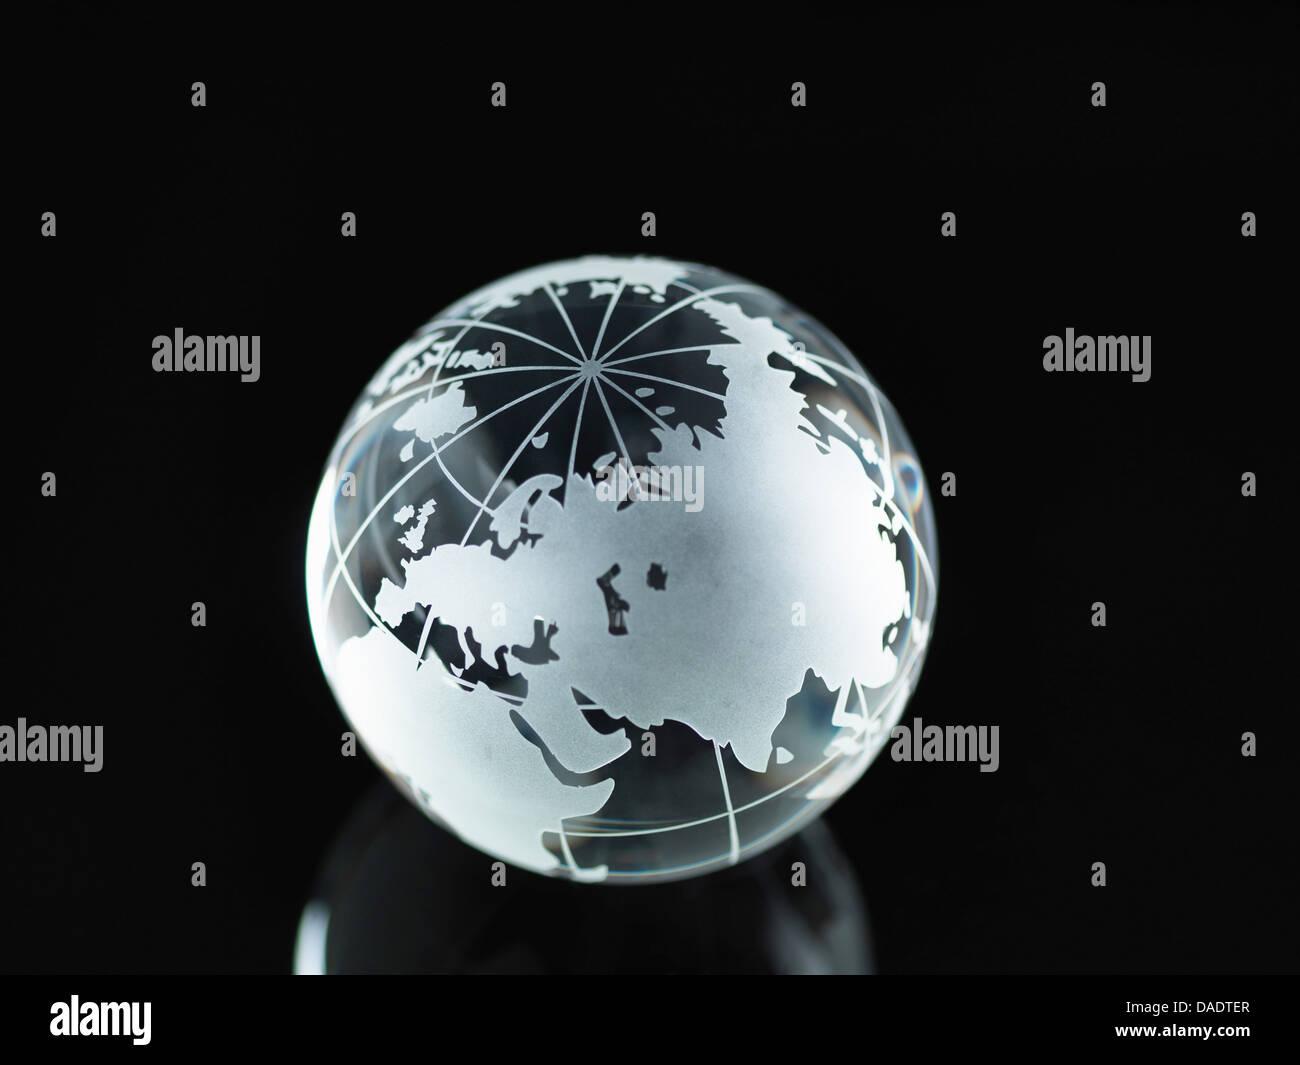 Far East Asia Globe Map Stock Photos & Far East Asia Globe Map Stock ...